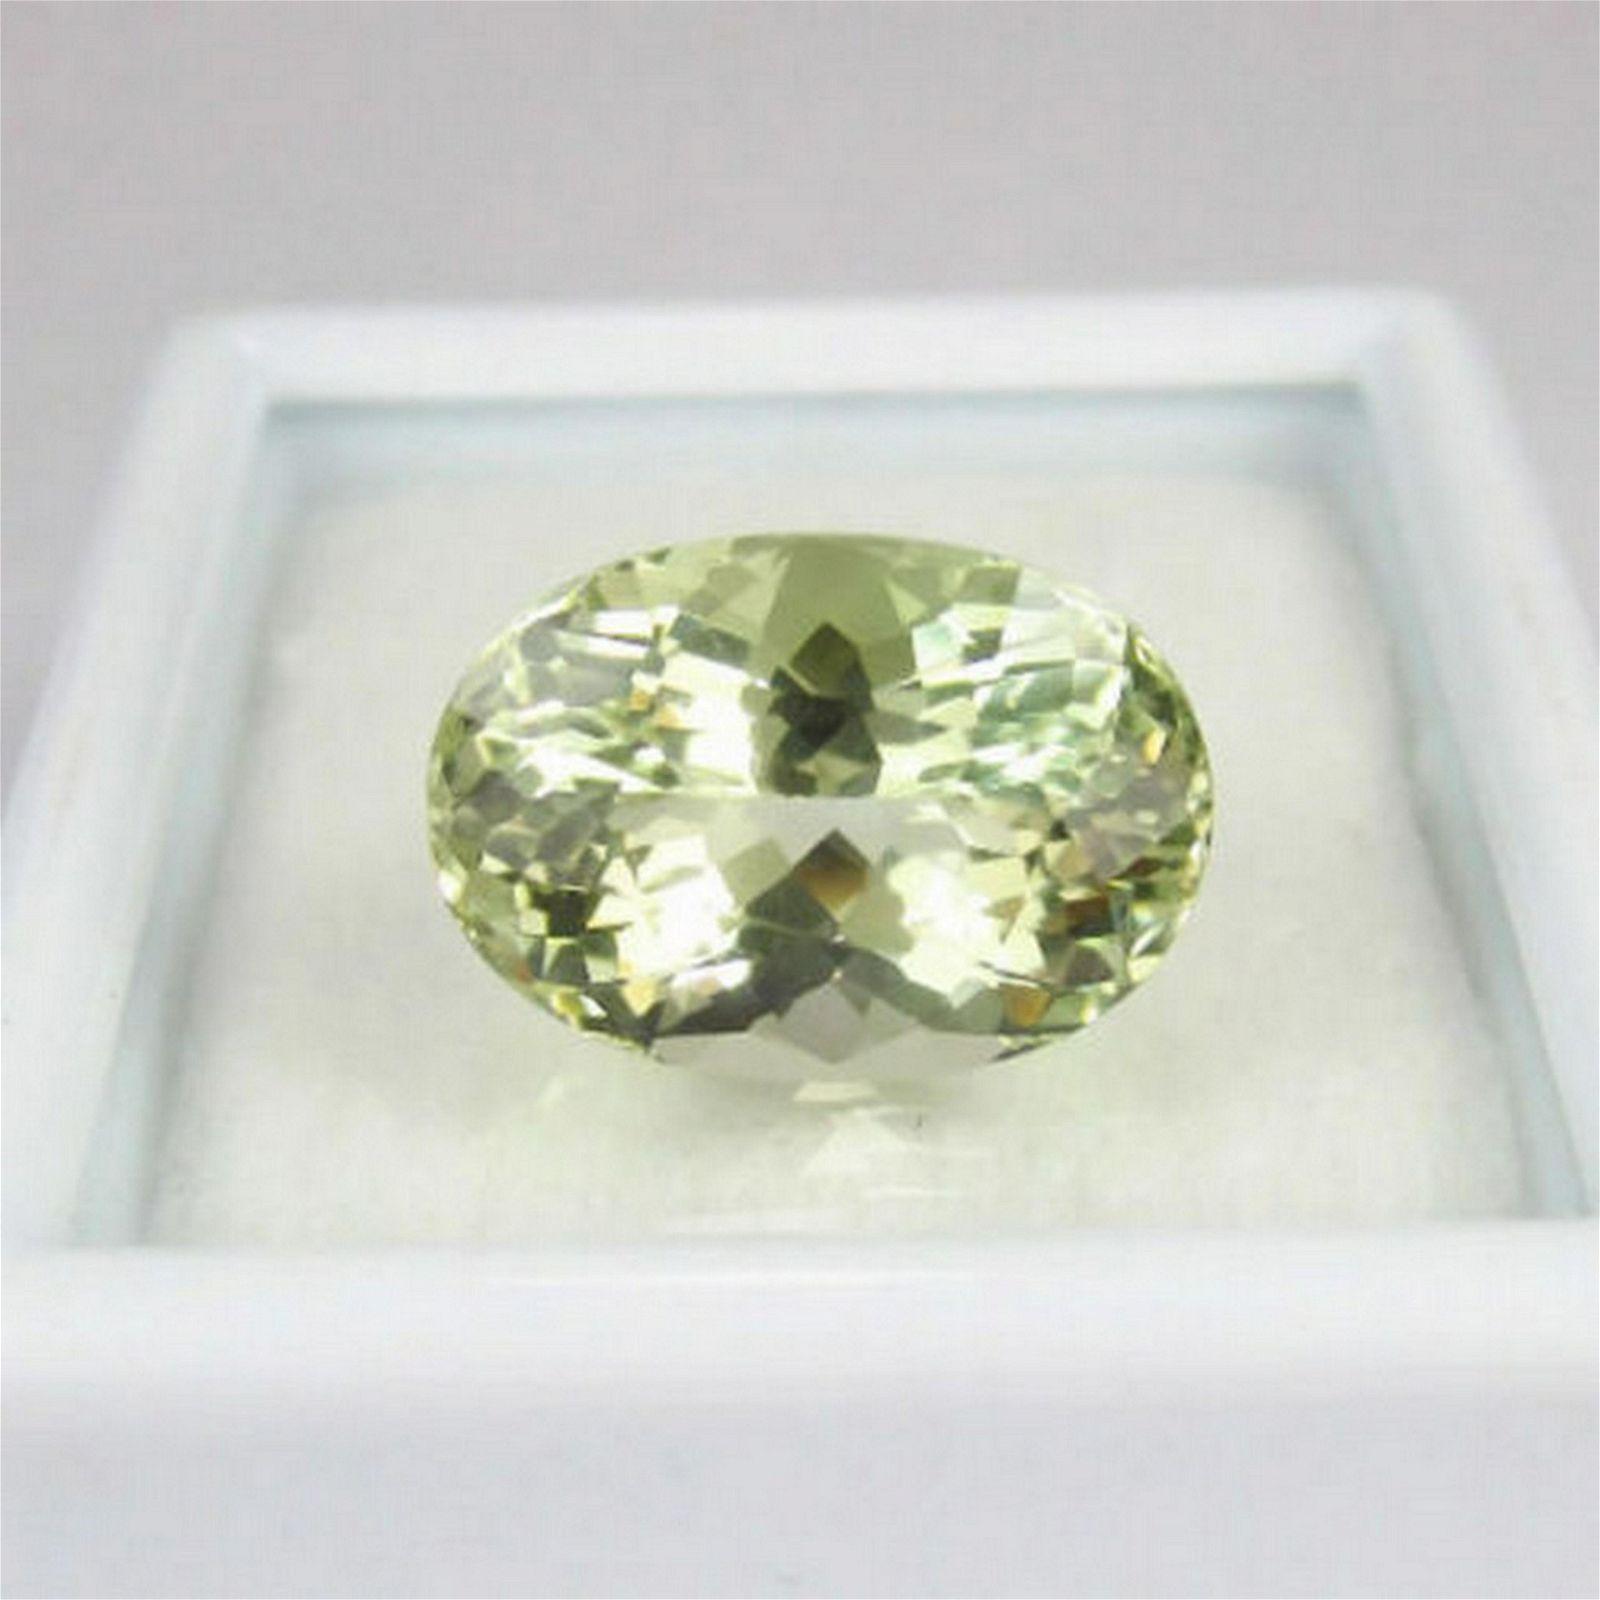 4.56 Ct Natural Yellowish Green Beryl Oval Cut